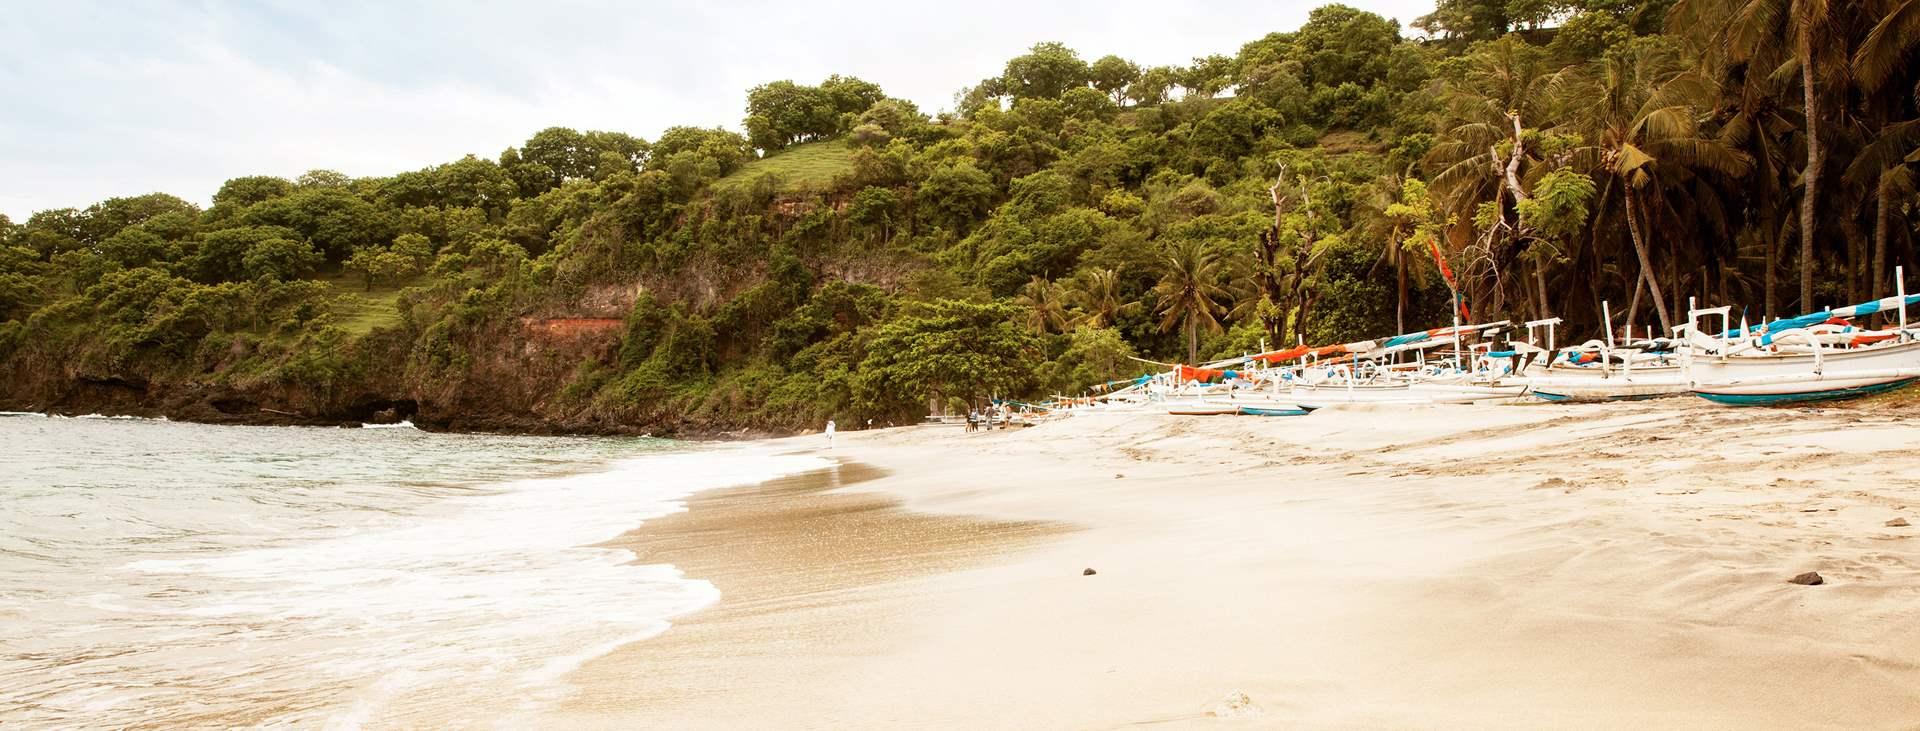 Bestill en reise til Candidasa på Bali med Ving